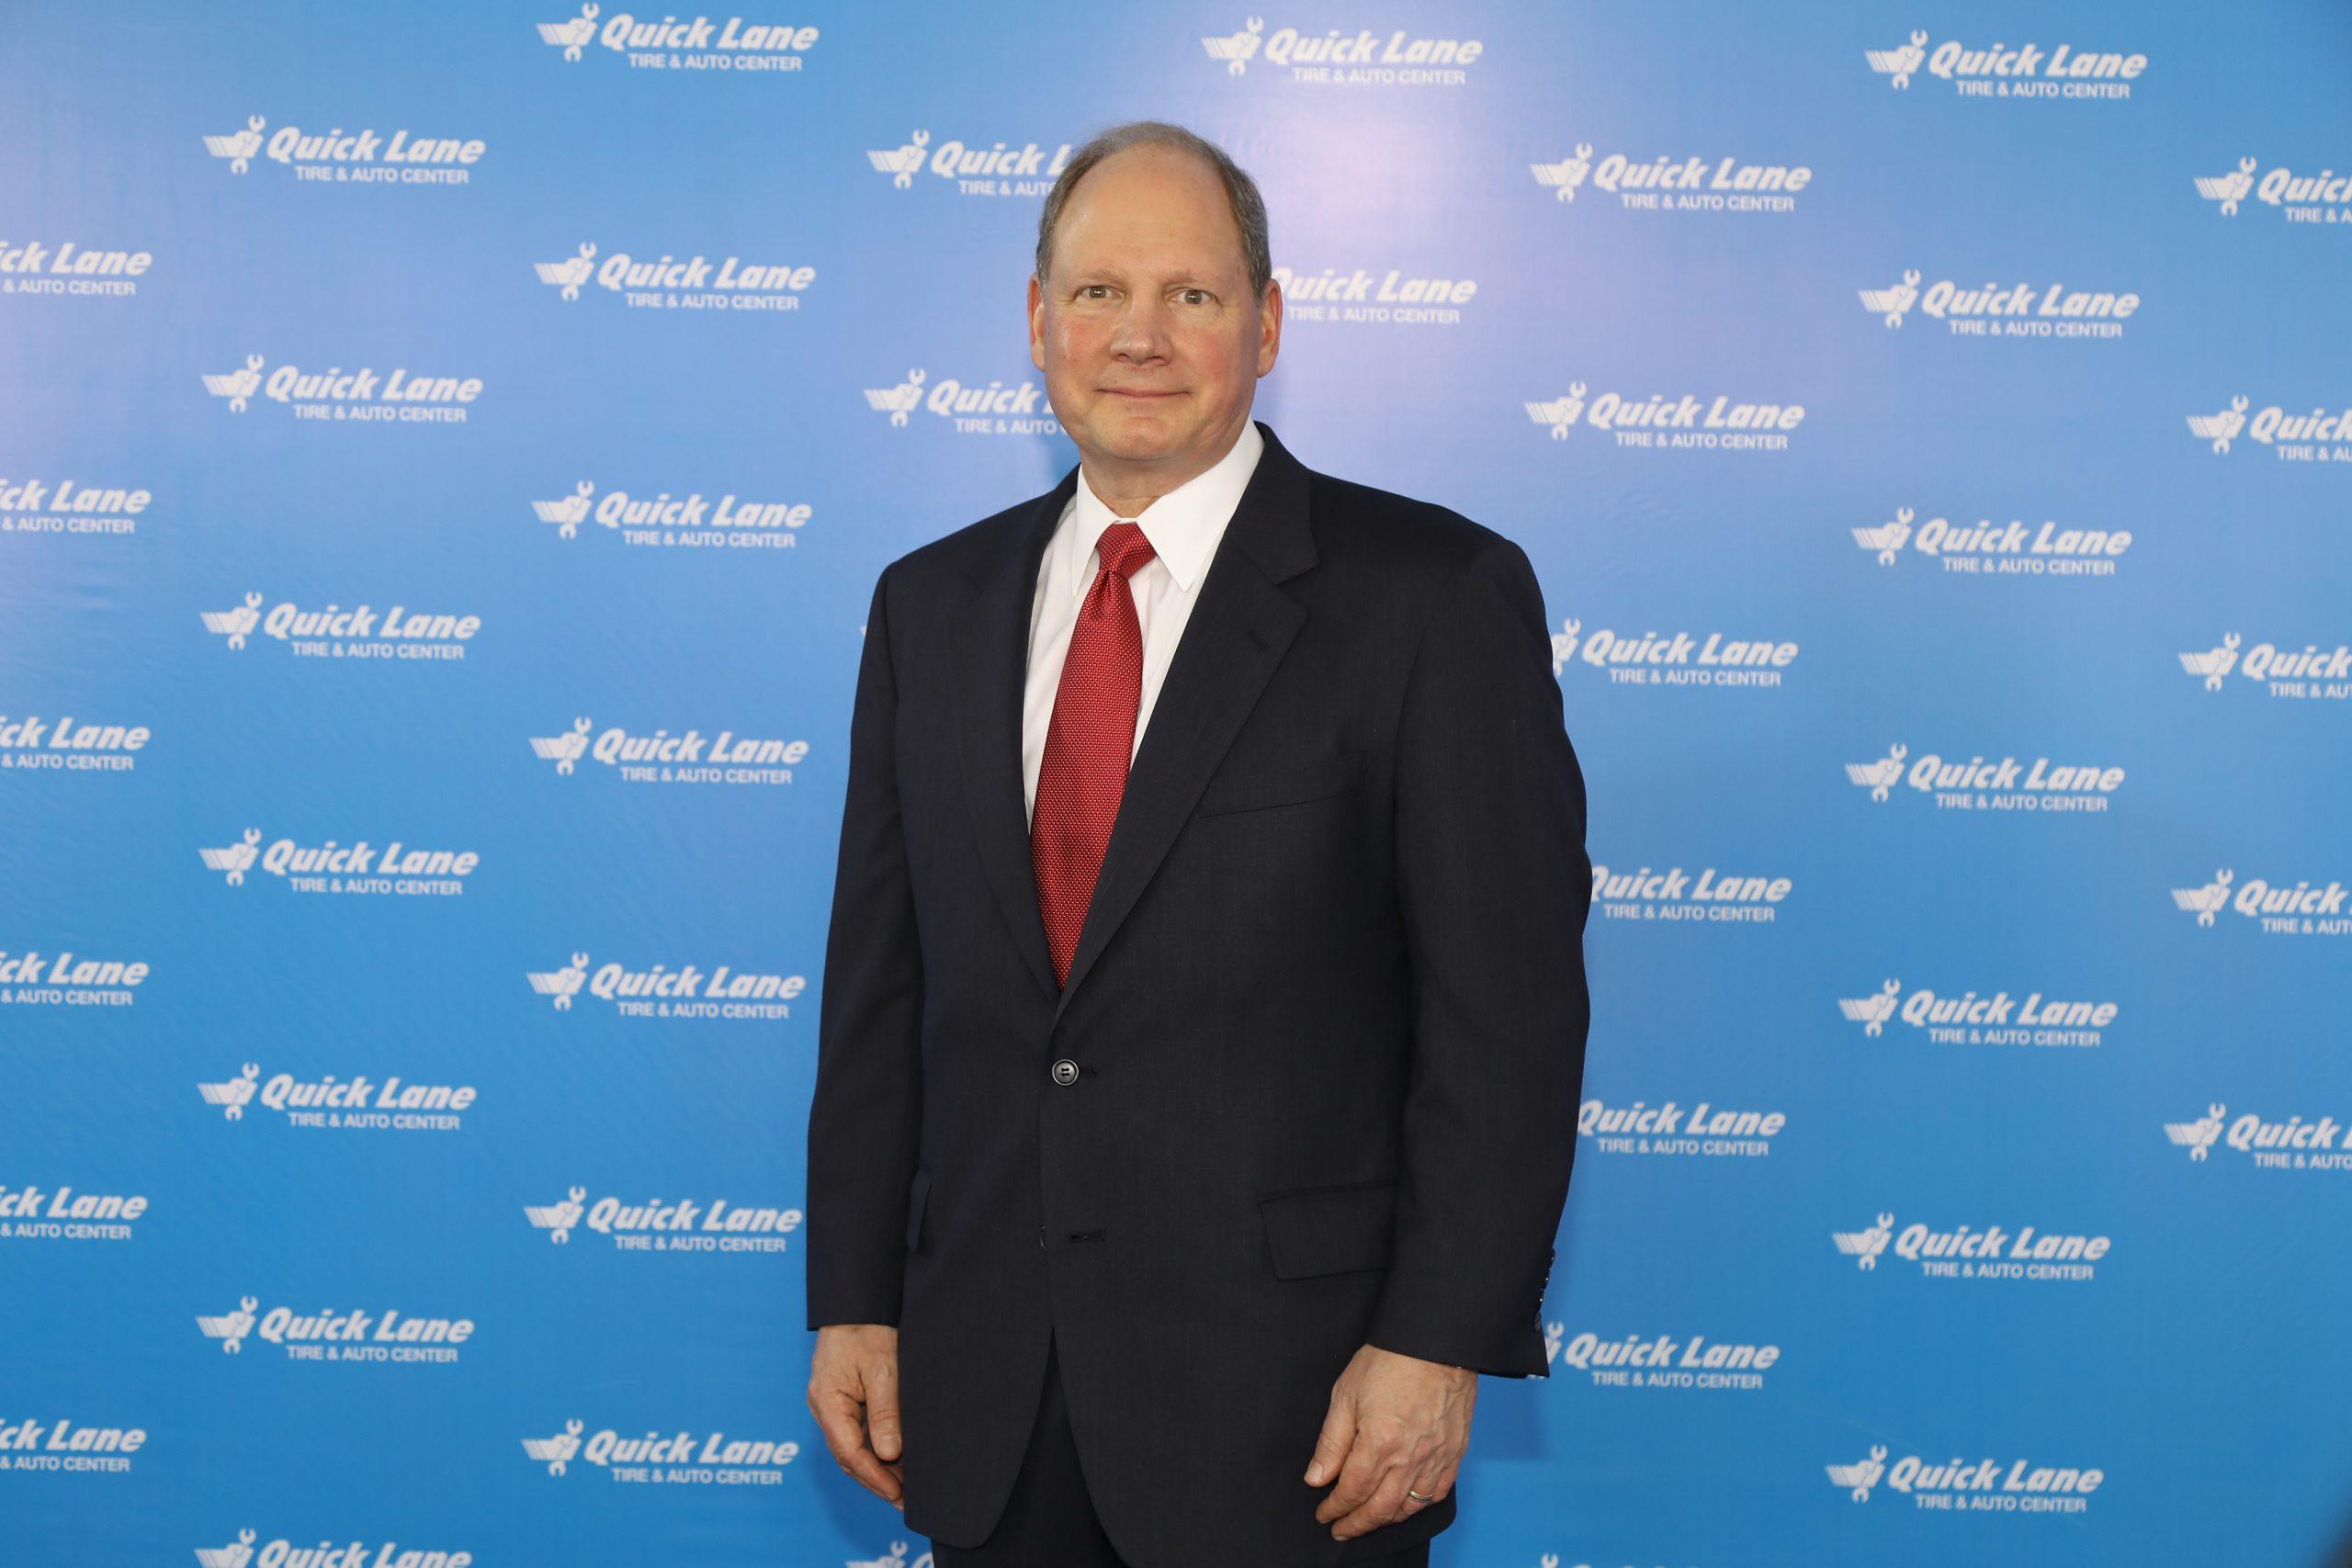 มร. จอห์น ฮานิเกน ผู้อำนวยการตลาดหลังการขายและประธานเจ้าหน้าที่บริหารตลาดโลก ควิกเลน